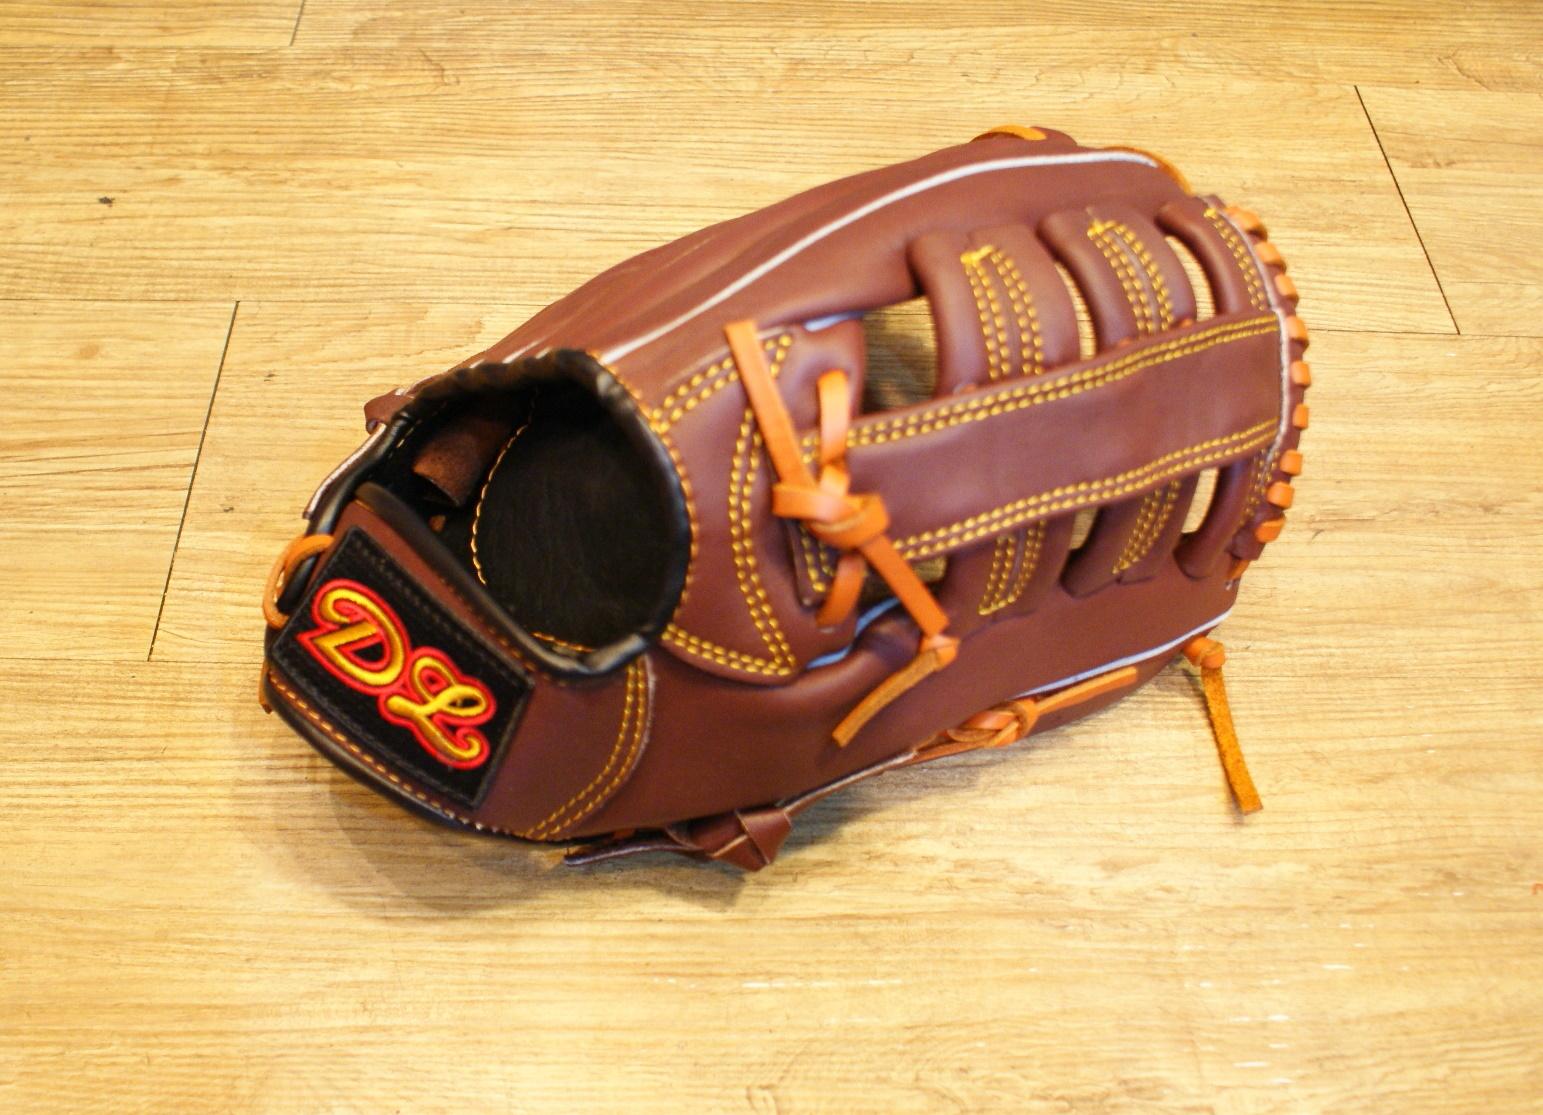 〈棒球世界〉DL外野雙十字咖啡色訂製款 13吋棒壘手套 特價 送手套袋